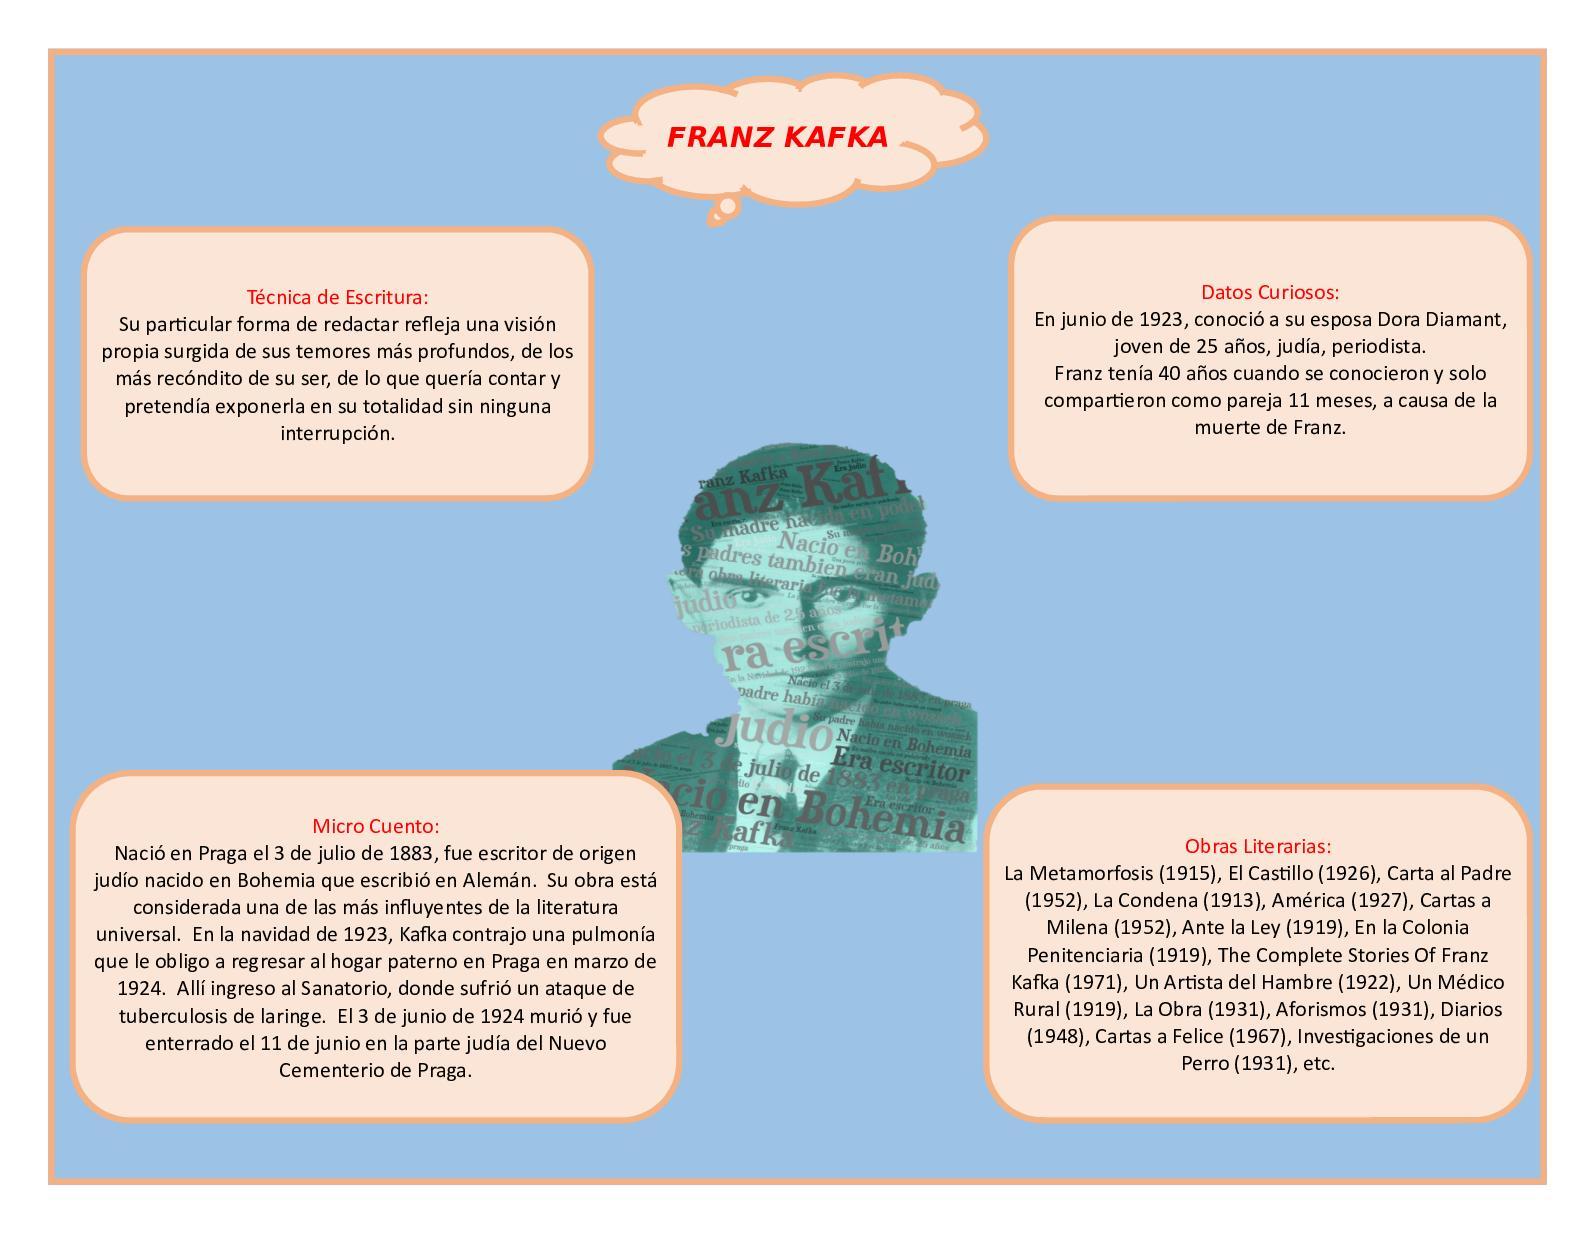 Calaméo - Infografia Escritor Franz Kafka